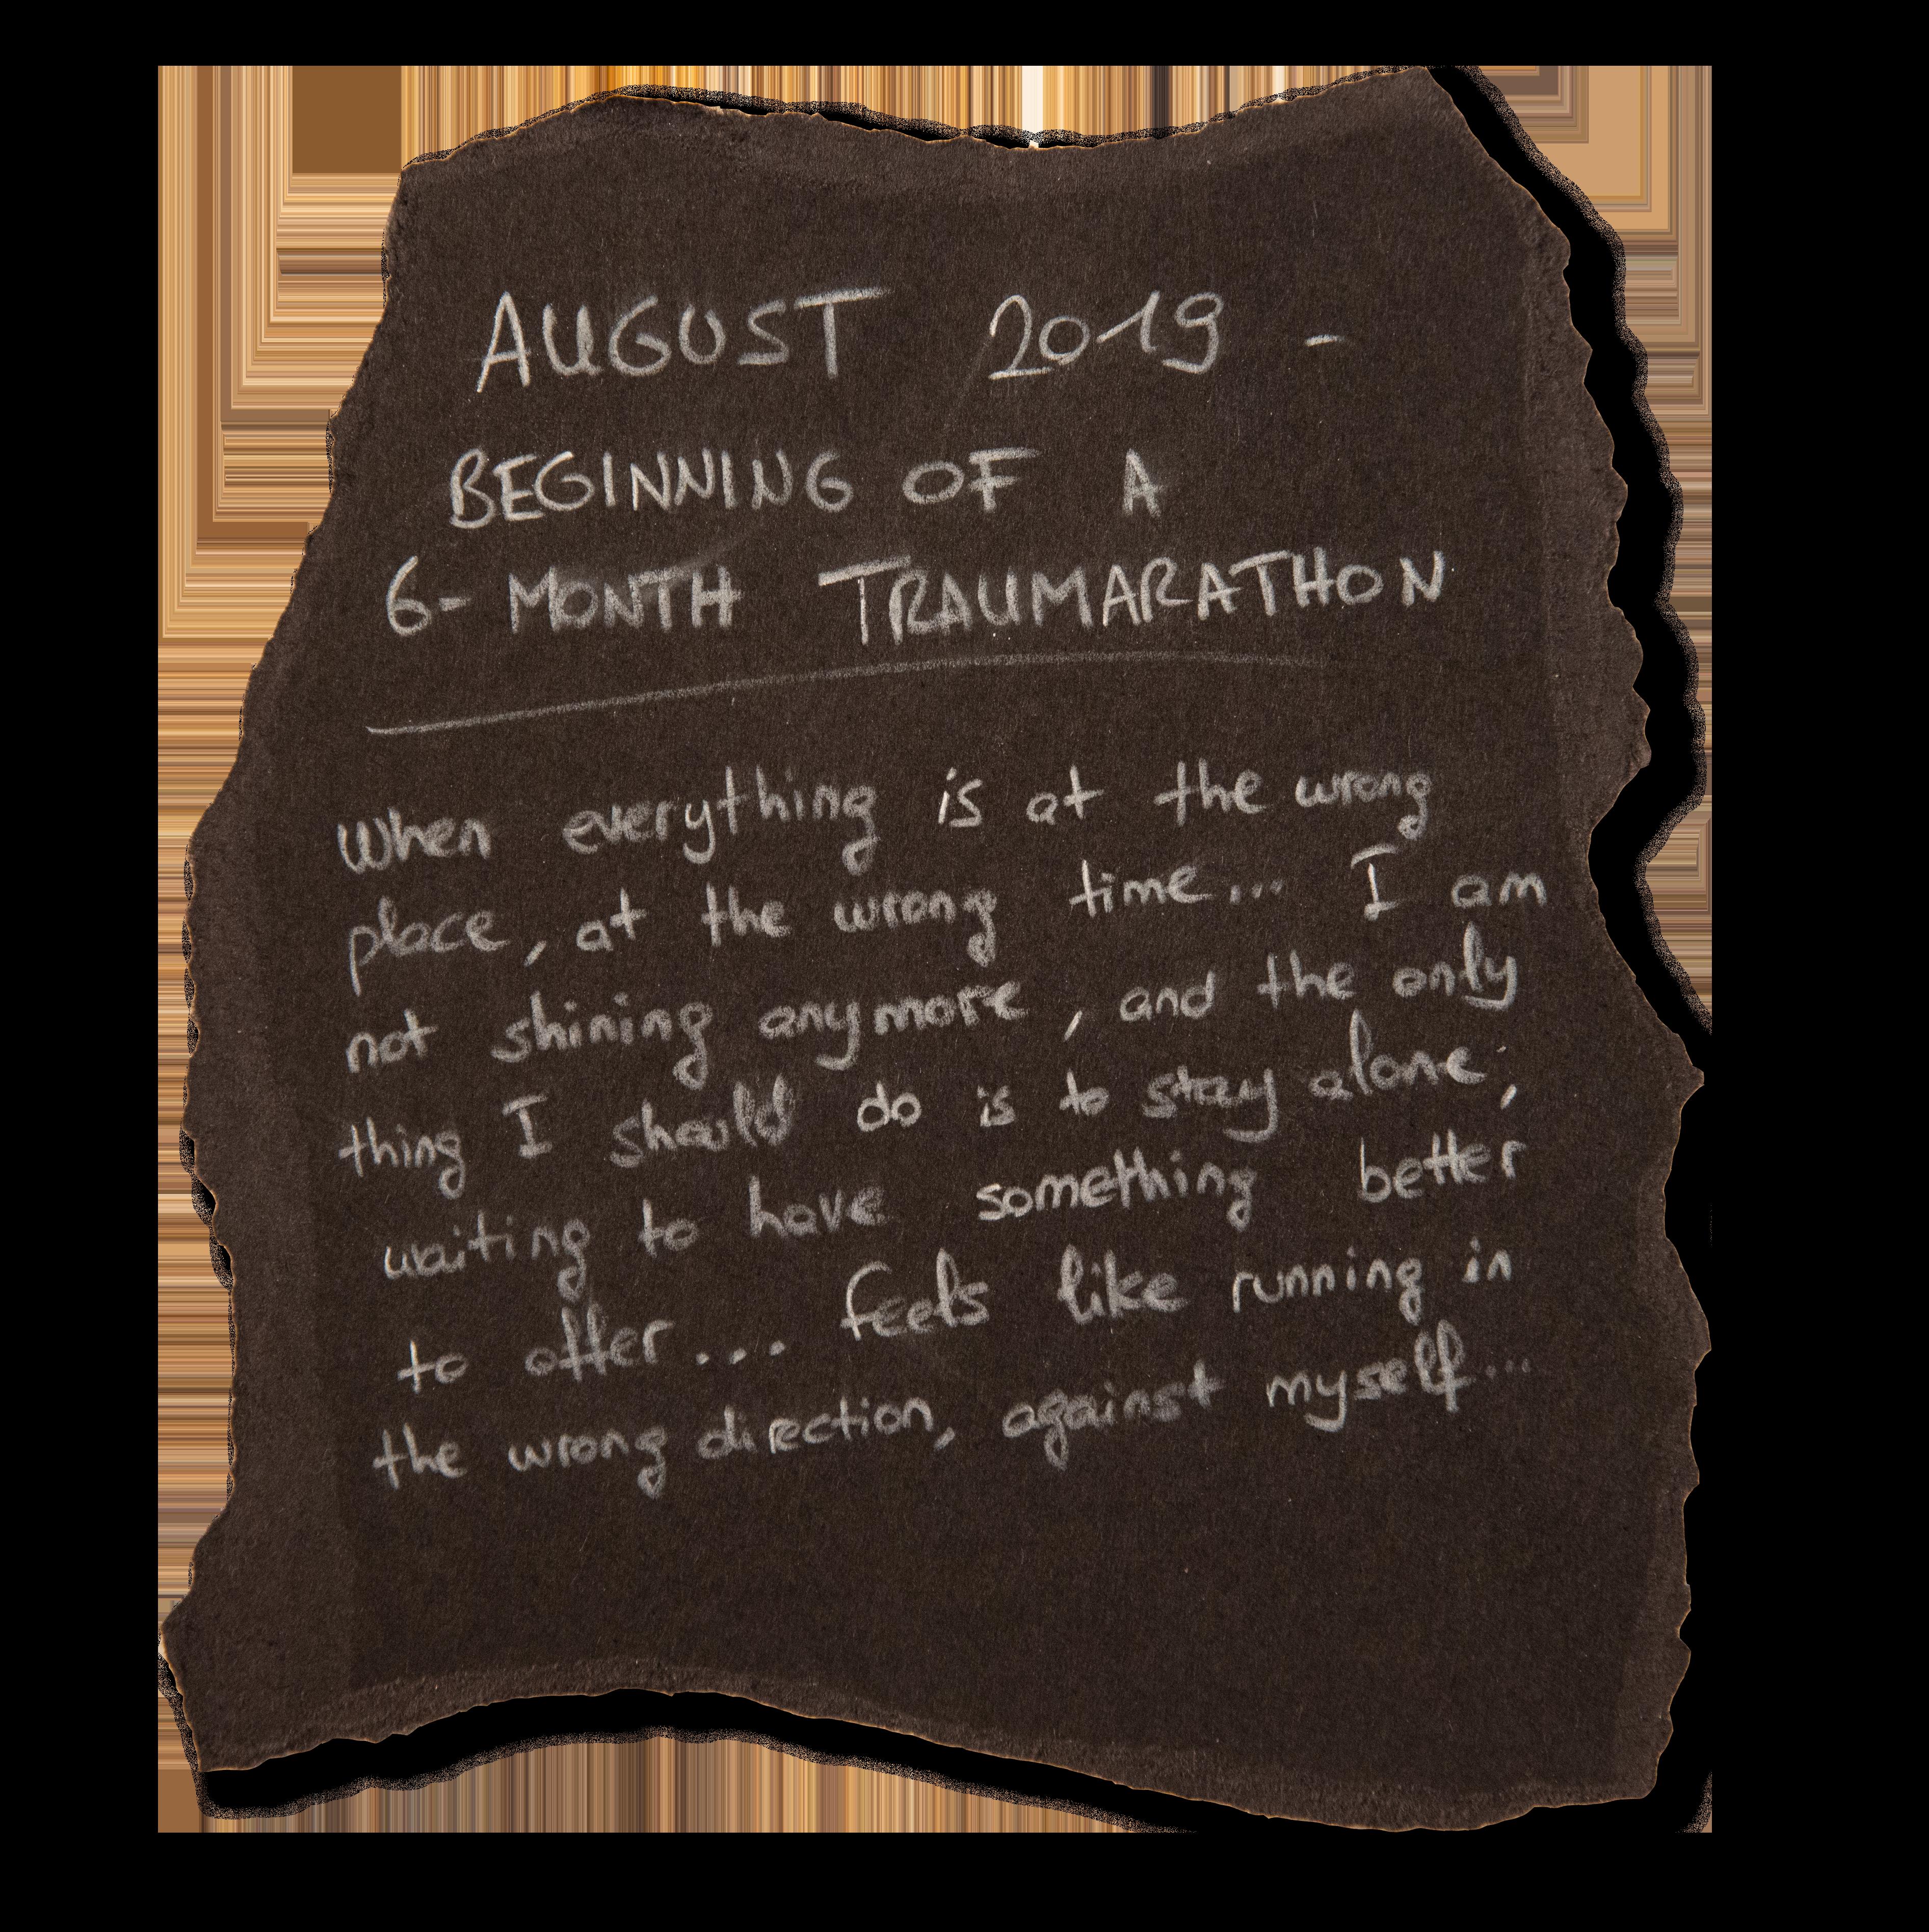 #2 - AUGUST 2019 - BEGINNING OF A 6-MONTH TRAUMARATHON